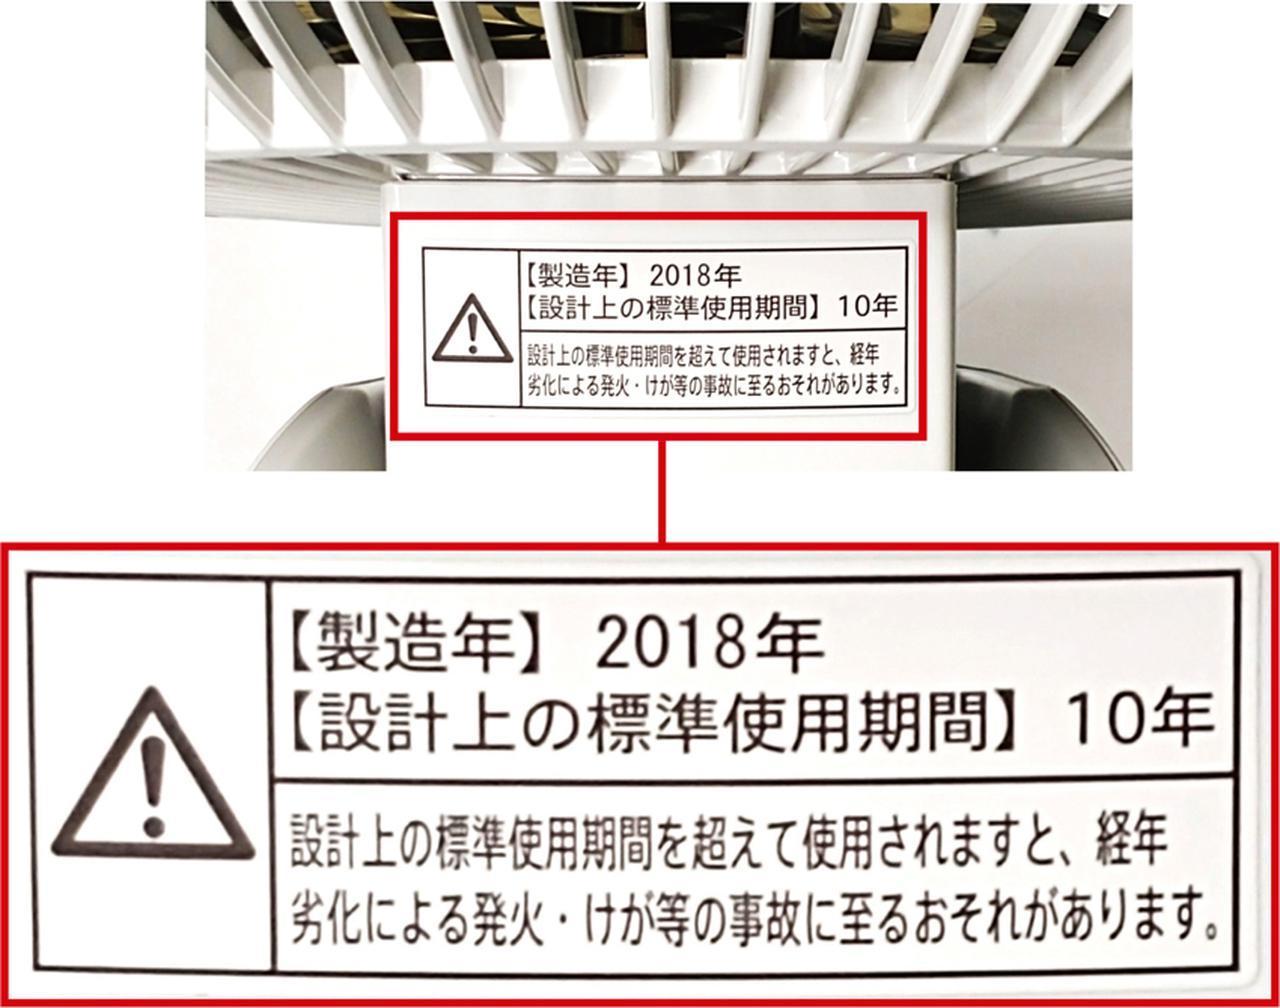 画像: 扇風機の本体には、「標準使用期間」が書かれたラベルが貼ってある。長期間使っていると劣化による事故も起こりうる。必ずチェックしよう。